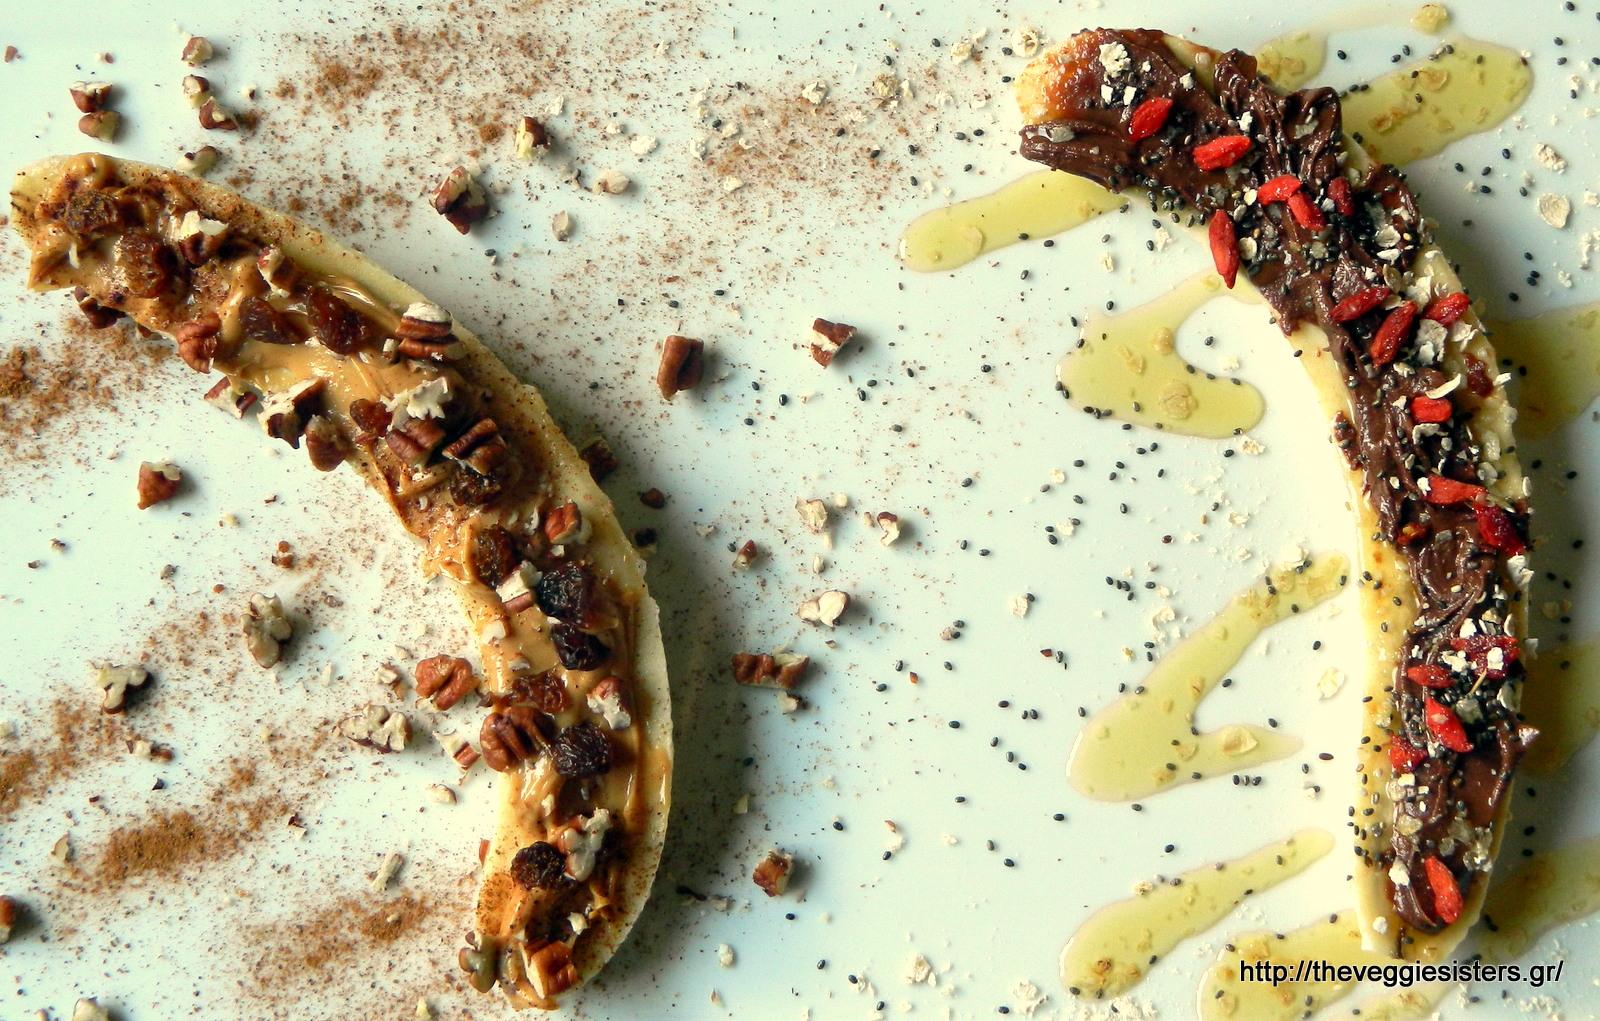 Πανεύκολο γλυκάκι με μπανάνες - Super easy banana desssert